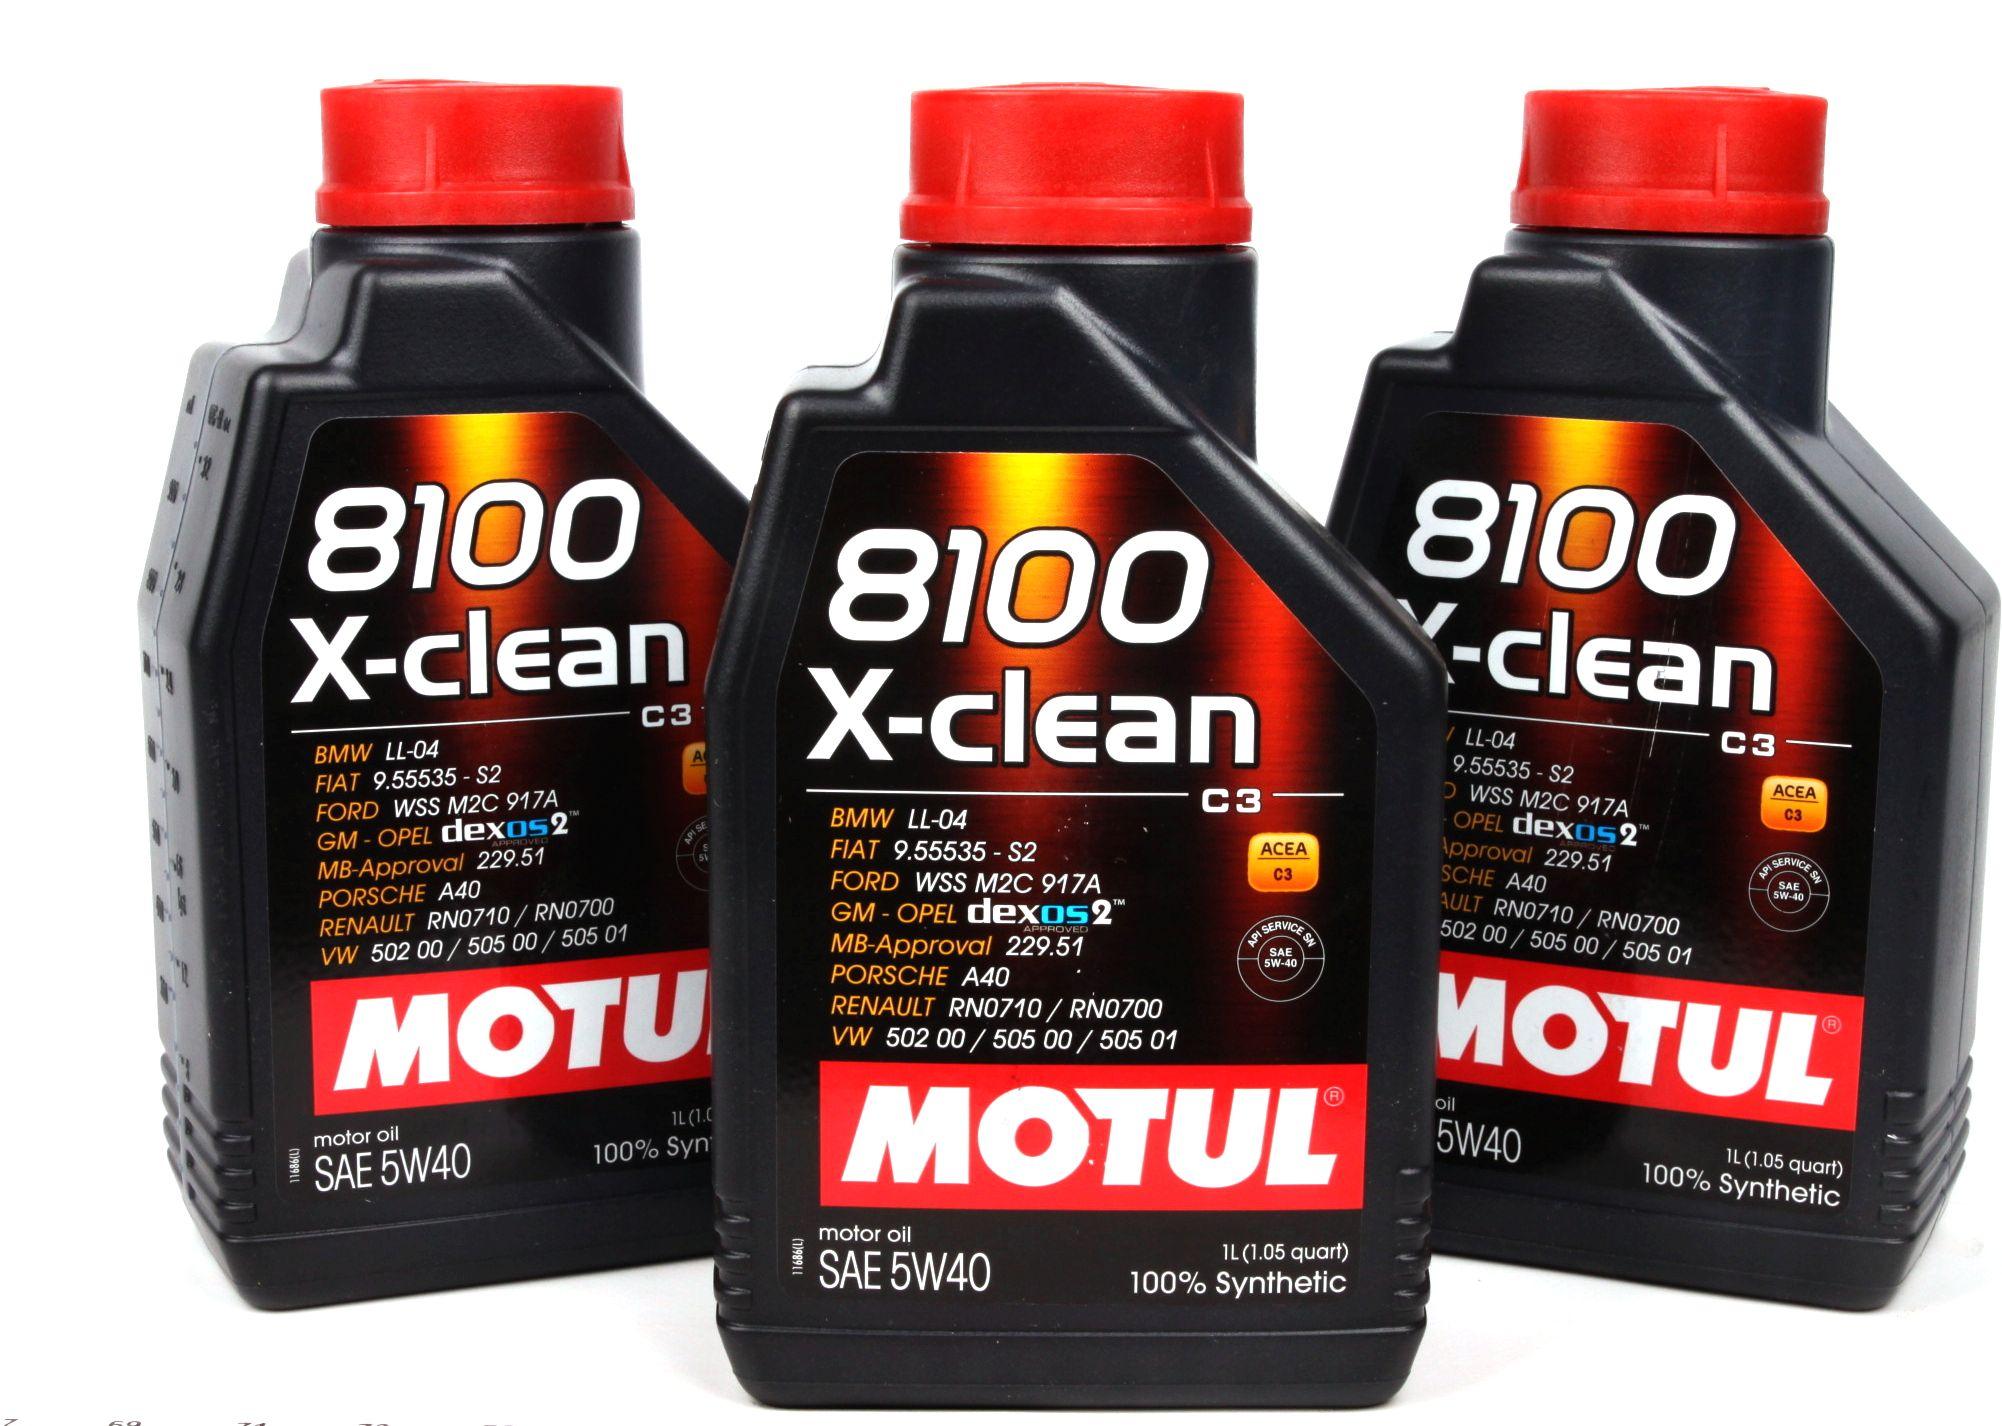 8100 X-clean Motul 102786